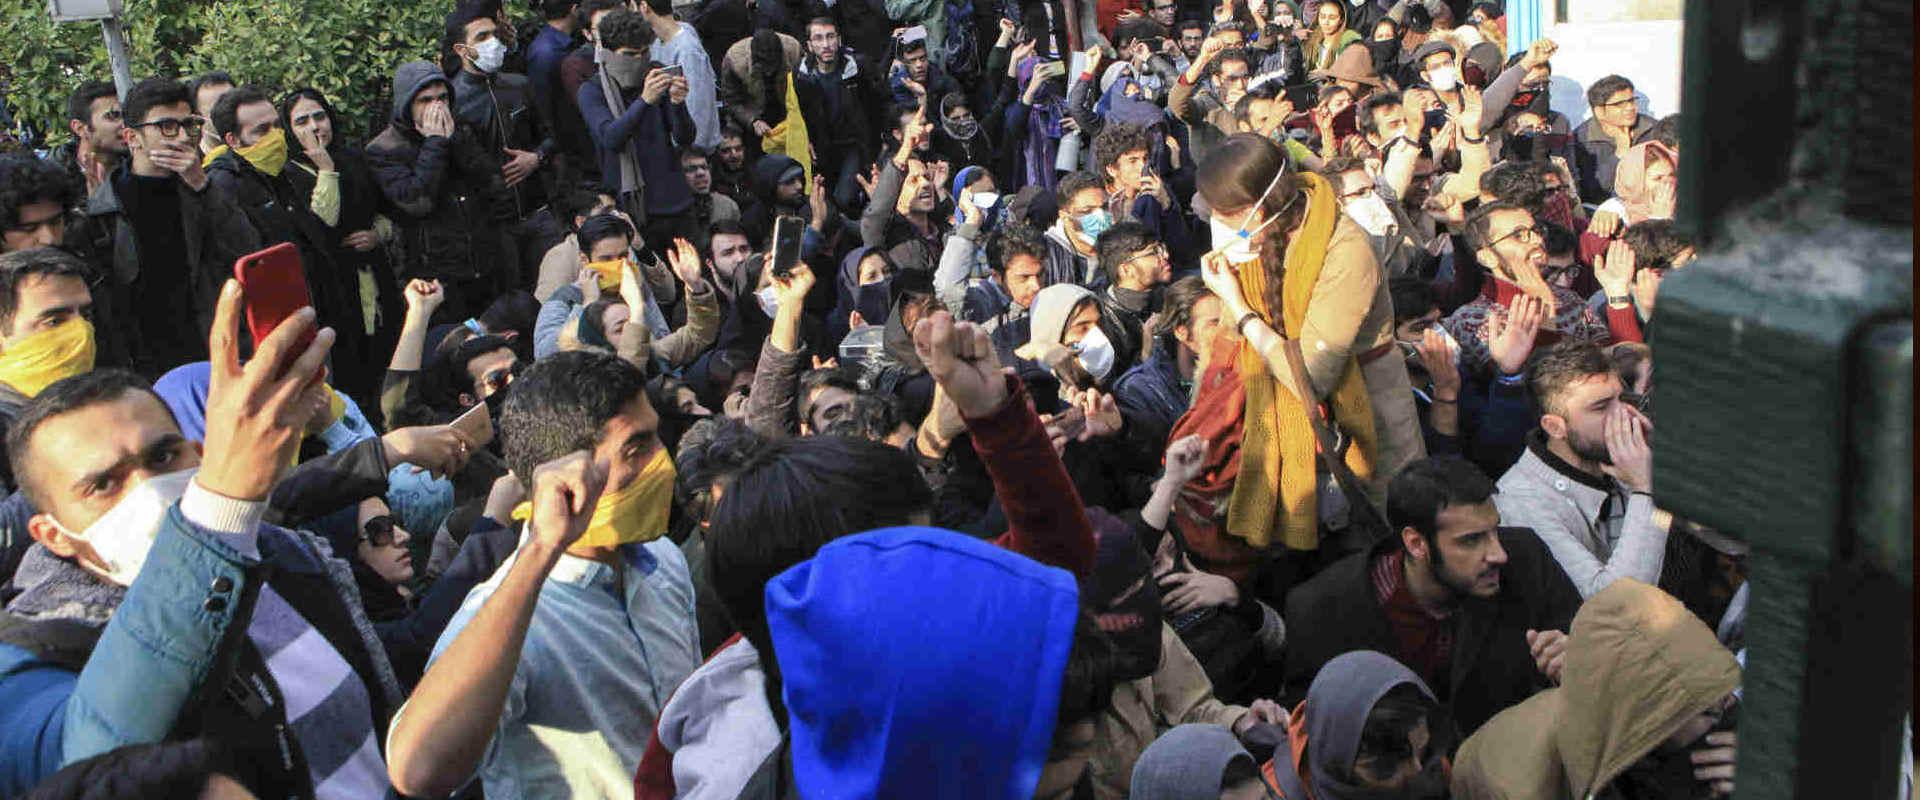 הפגנה באוניברסיטת טהראן